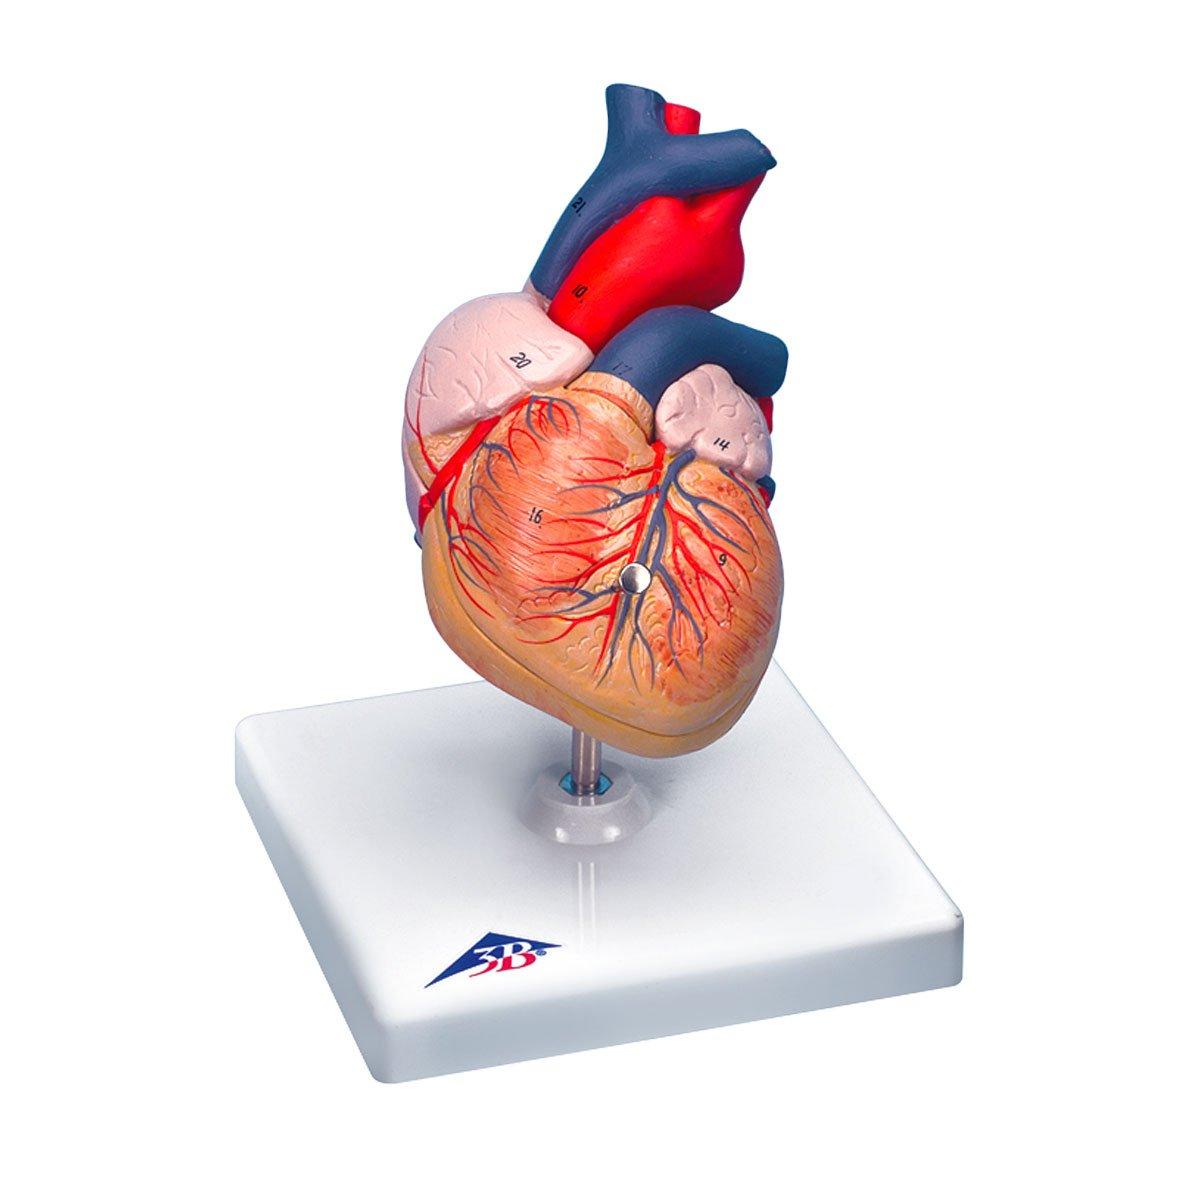 3B Scientific Herzmodell Klassik, 2-teilig: Amazon.de: Gewerbe ...